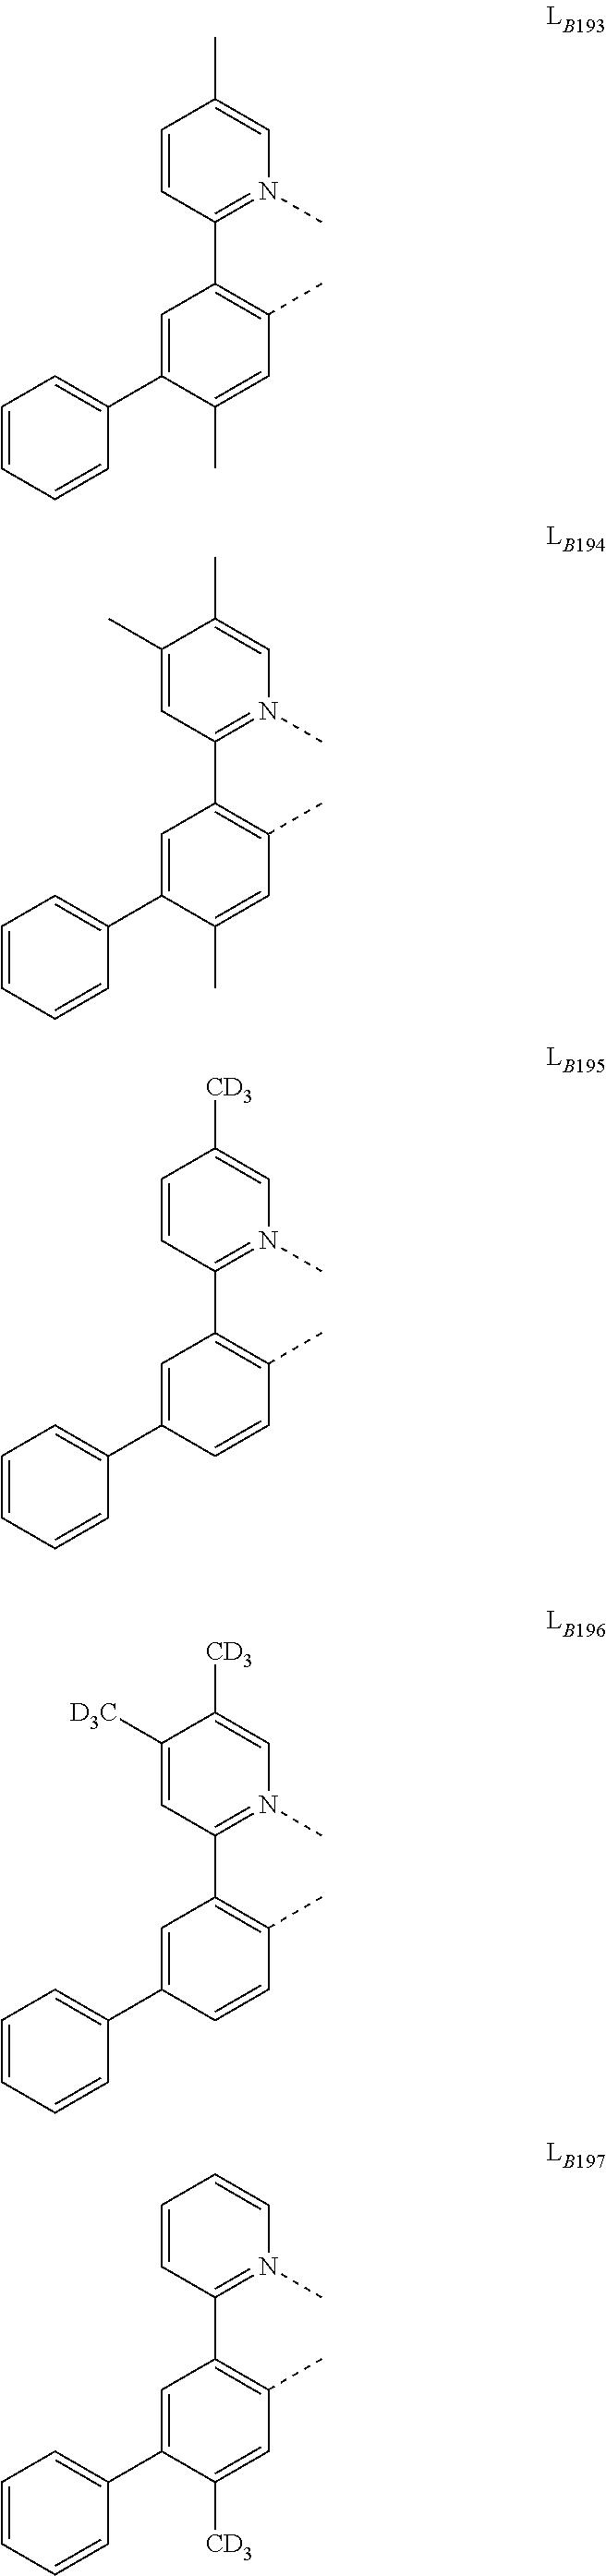 Figure US09929360-20180327-C00256